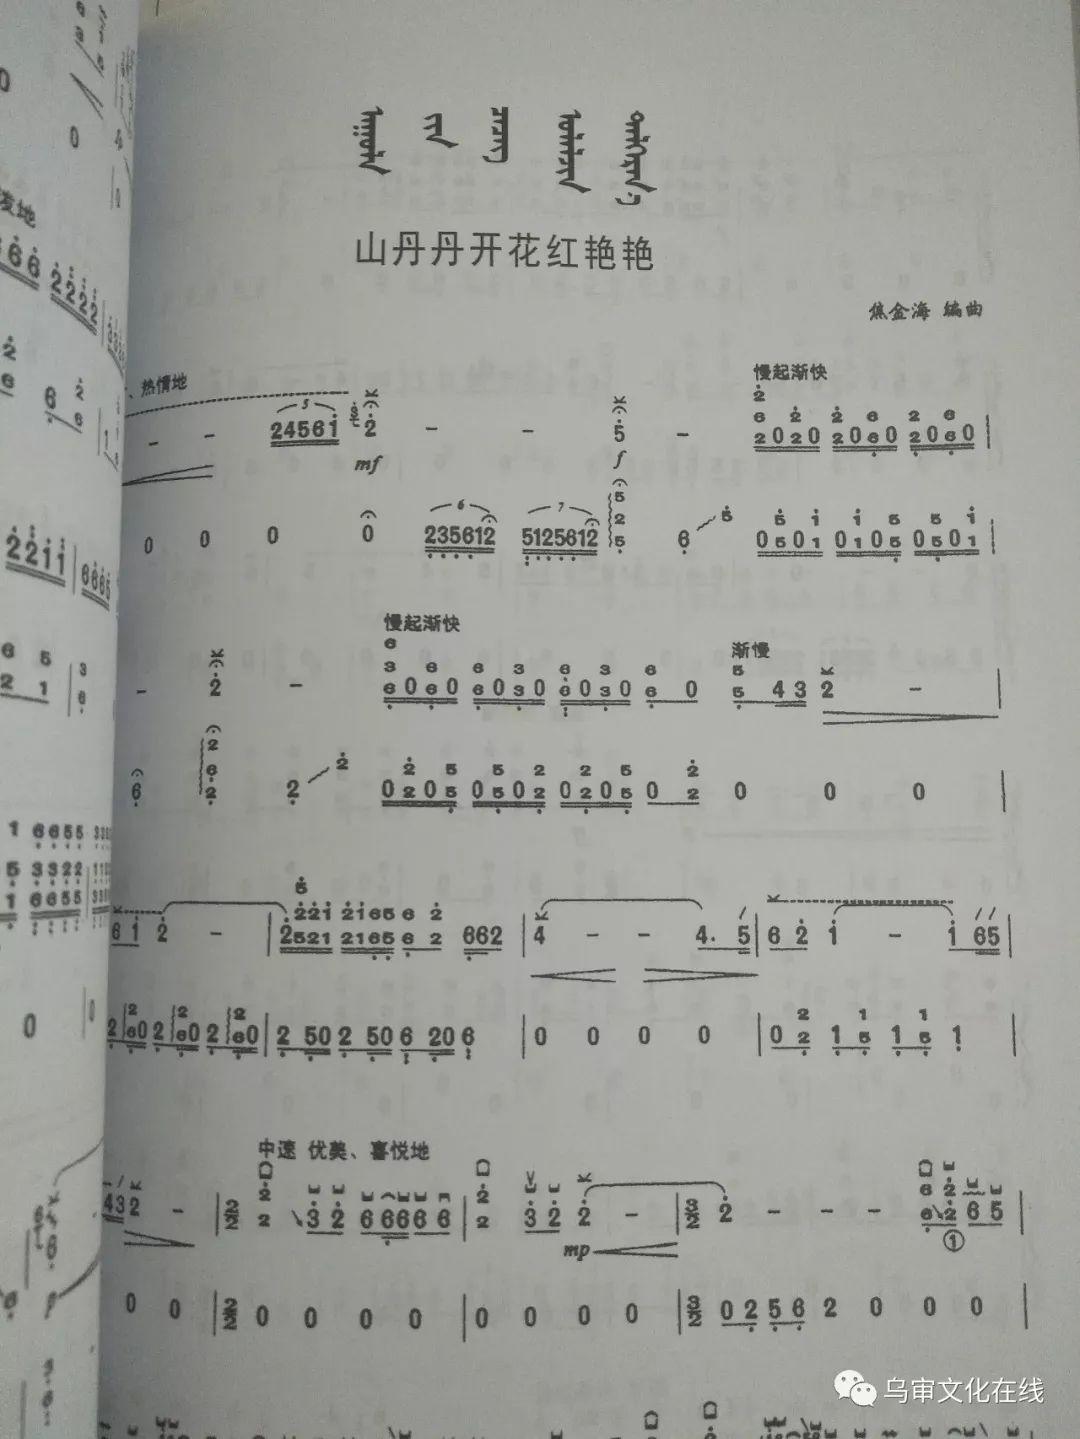 古筝教材~~~(蒙古文) 第6张 古筝教材~~~(蒙古文) 蒙古文库